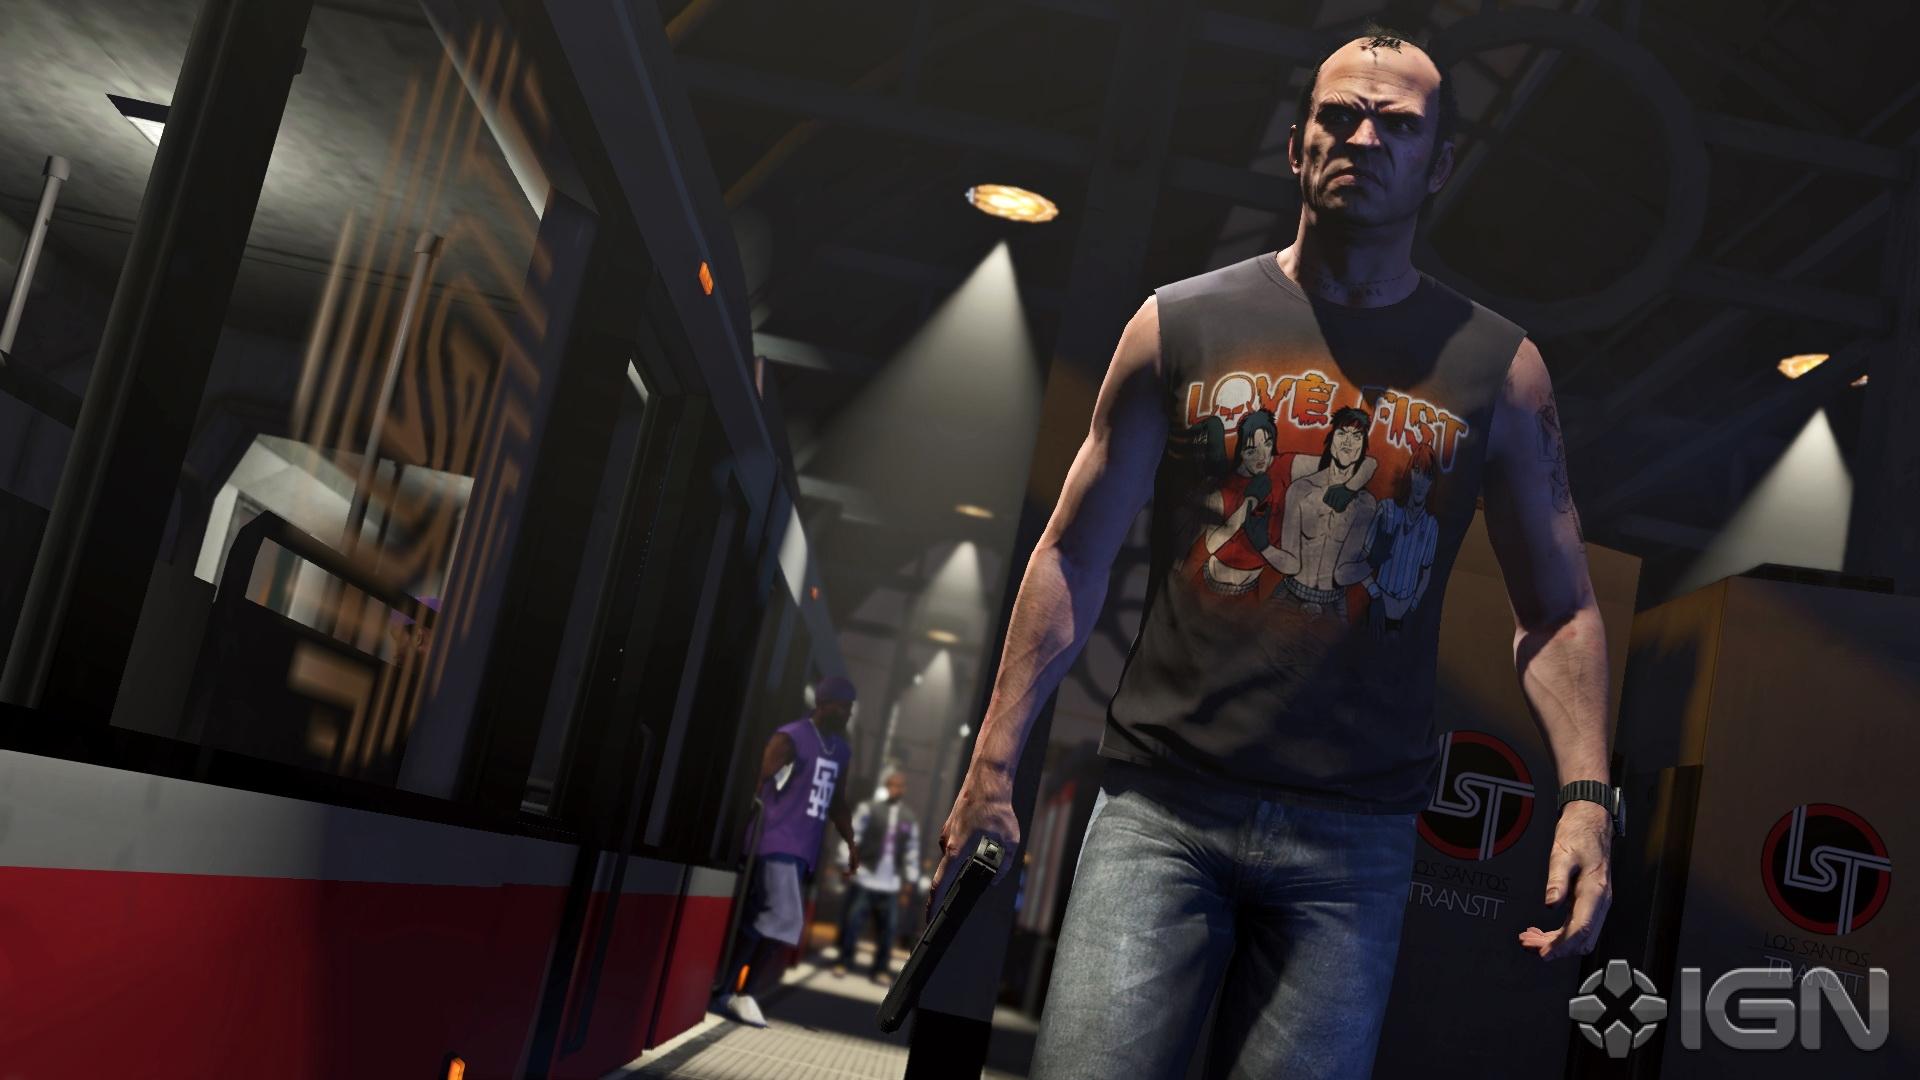 Dalších 25 nových obrázků z Grand Theft Auto V 102016